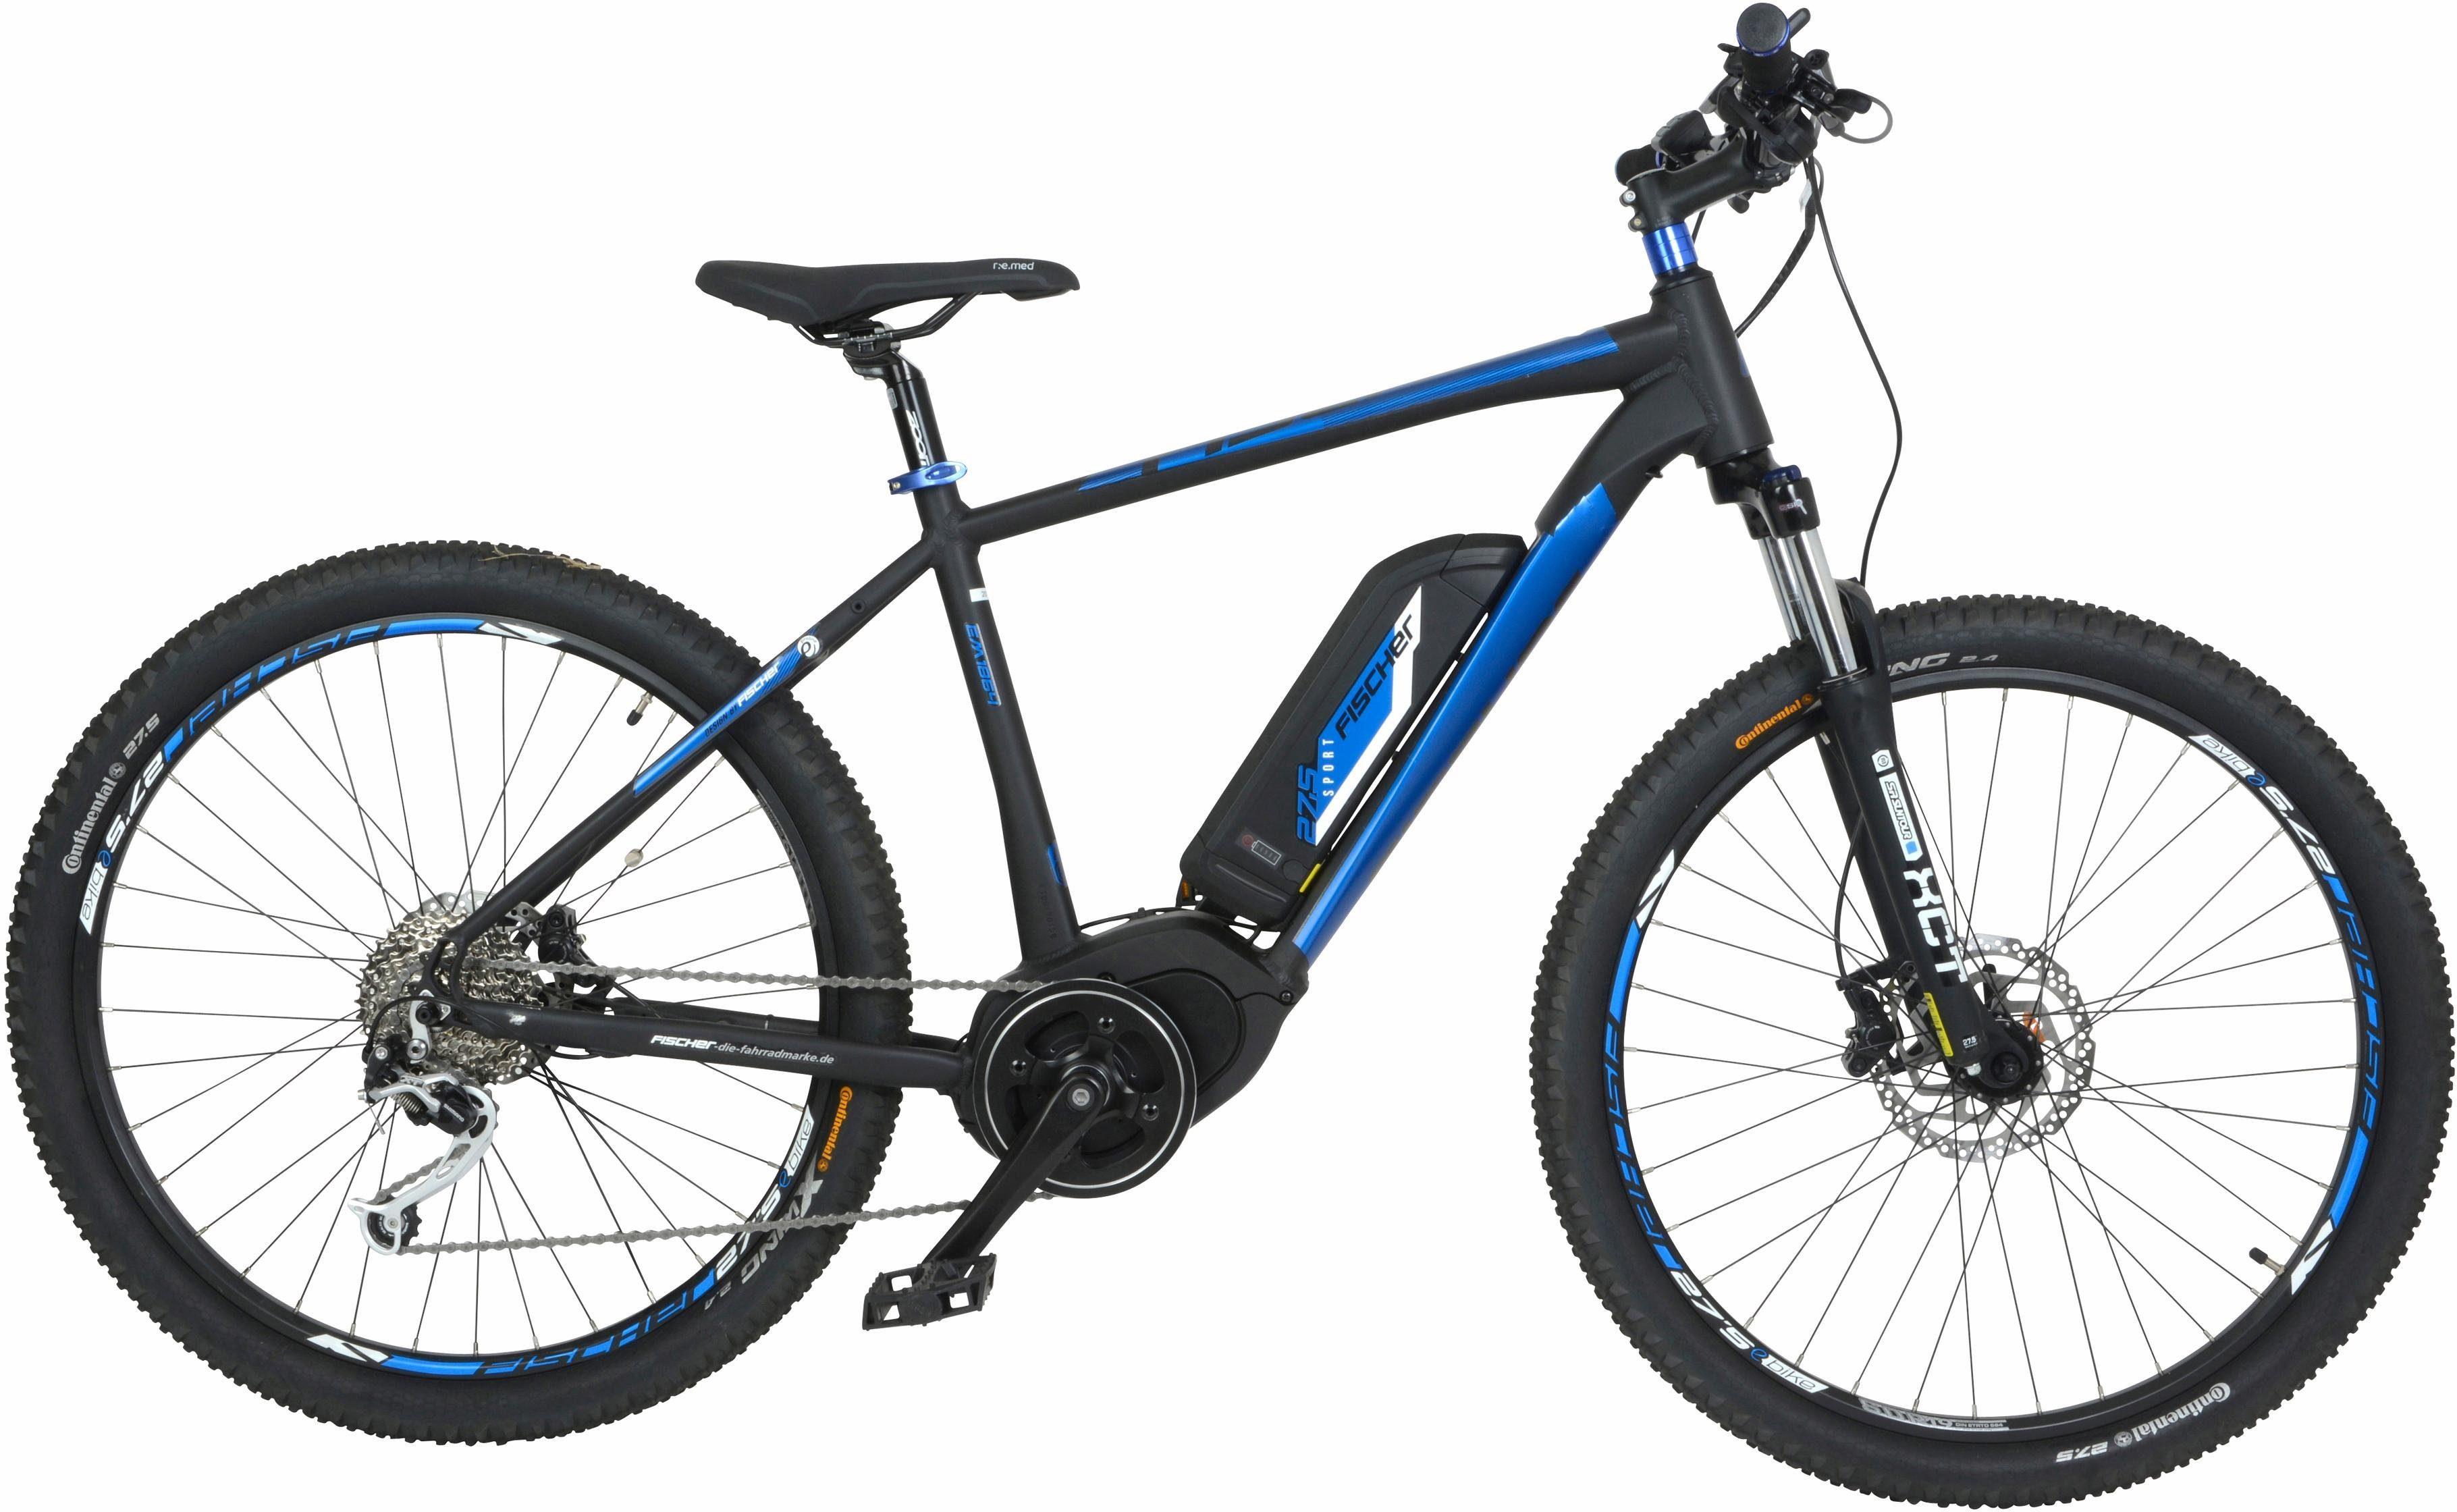 FISCHER Mountainbike E-Bike, 48 V/250 W Mittelmotor, 27,5+ Zoll, 9-Gang-Shimano XT Schaltwerk, »EM 1864 Ready«